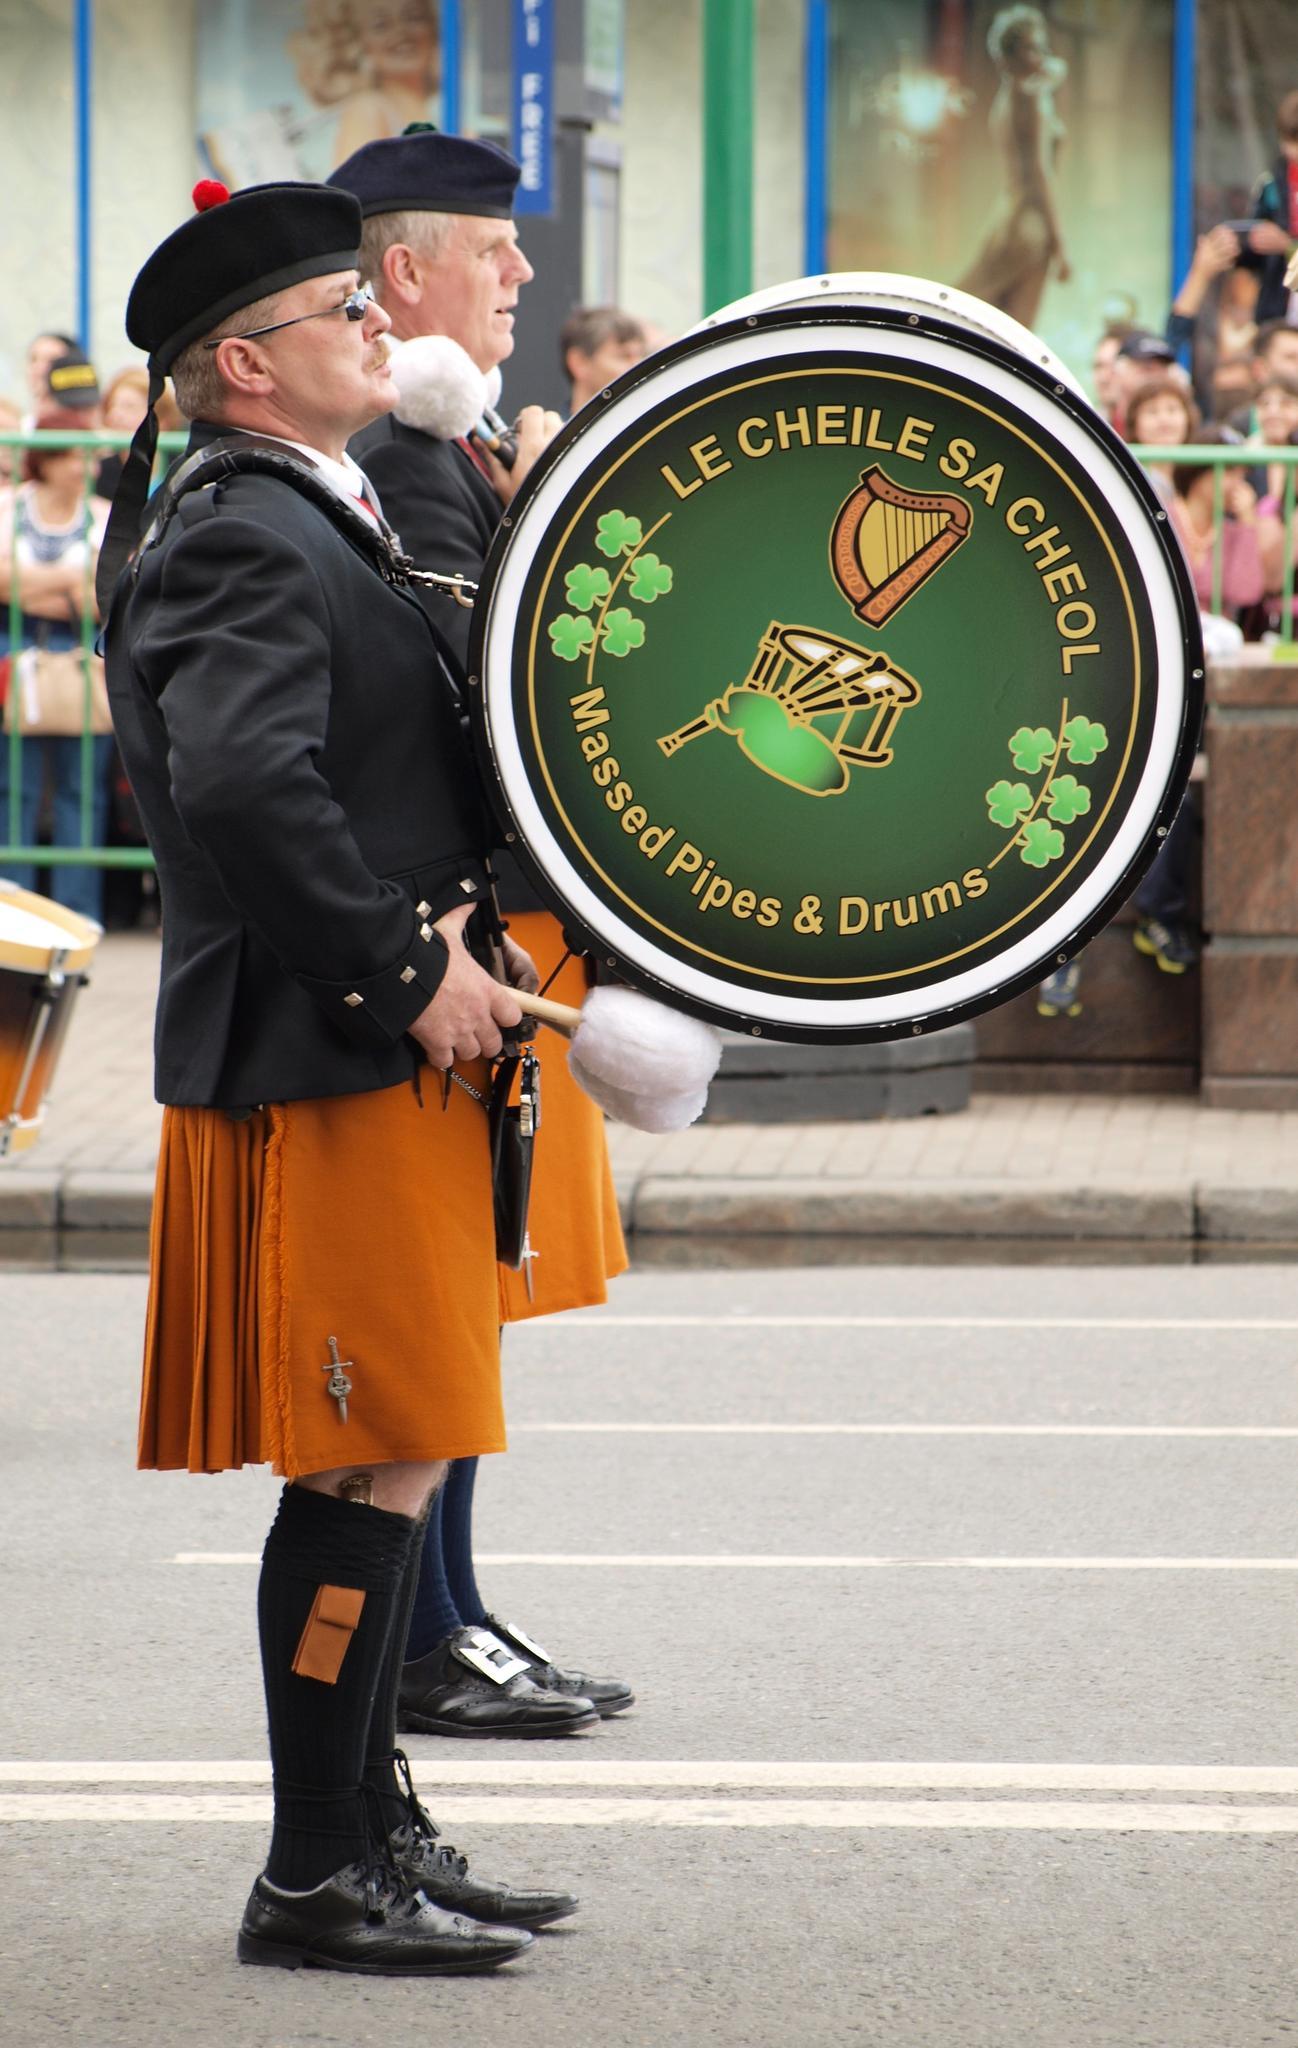 «Соединённые музыкой» - ирландский оркестр волынок и барабанов. Фотография Малец Михаила Георгиевича